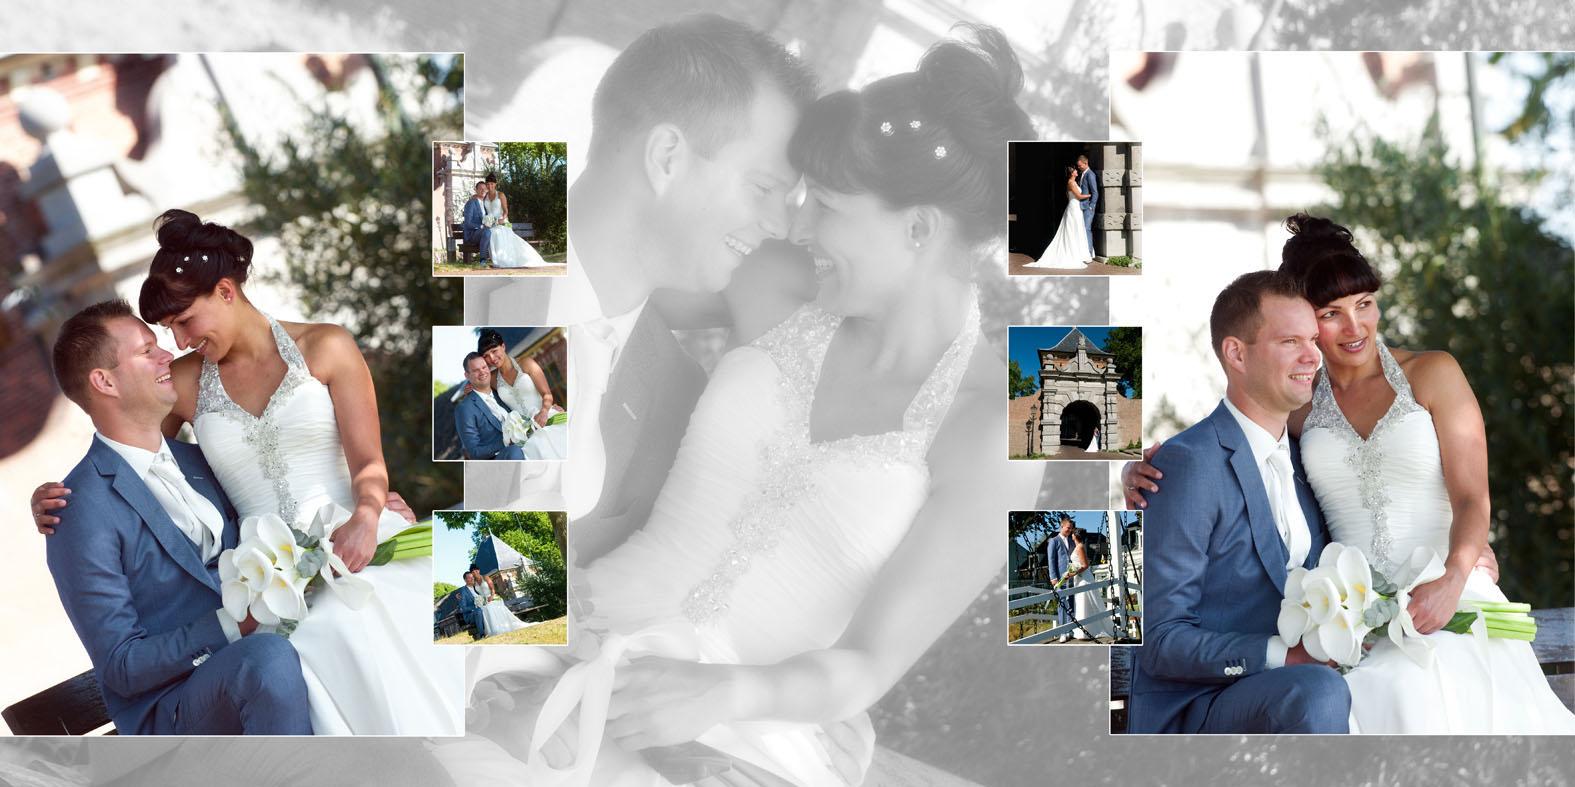 Niestadt-fotografie-Schoonhoven-trouw-fotos-Djulia-en-Guido-trouwboek-pagina-9